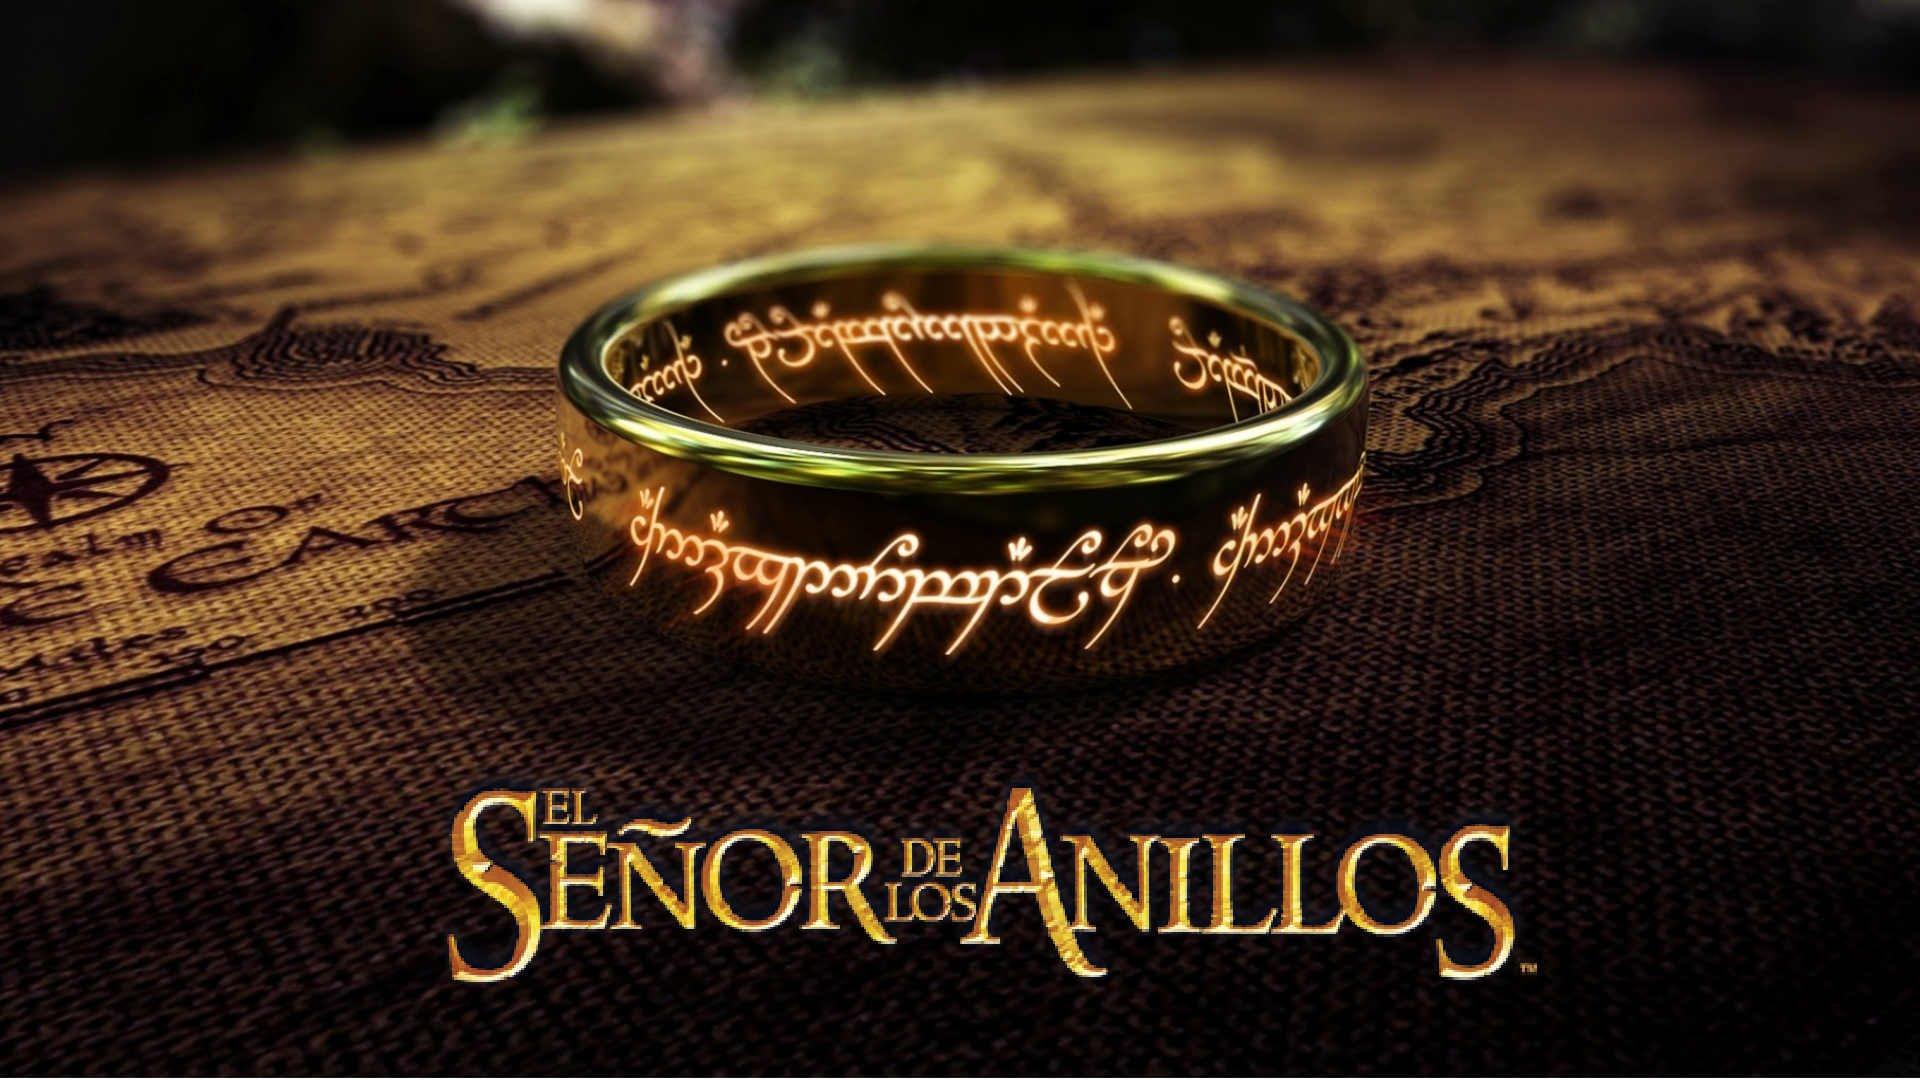 Anillo único de El Señor de los anillos.